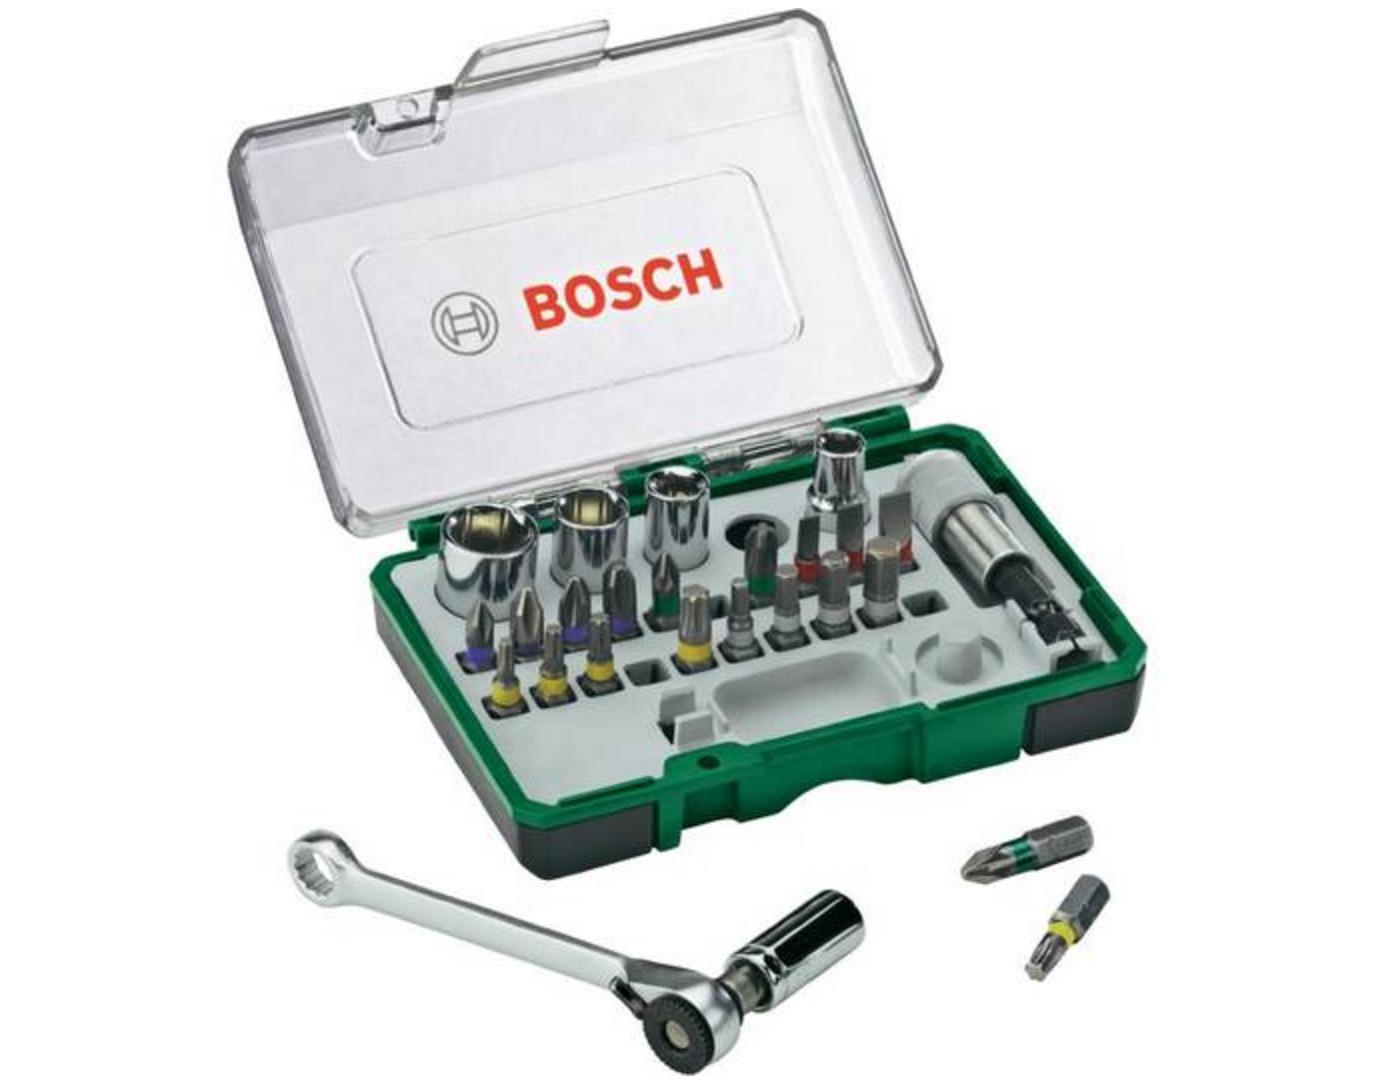 Bosch 27-teiliges Schrauberbit- und Ratschen-Set für nur 12,74€